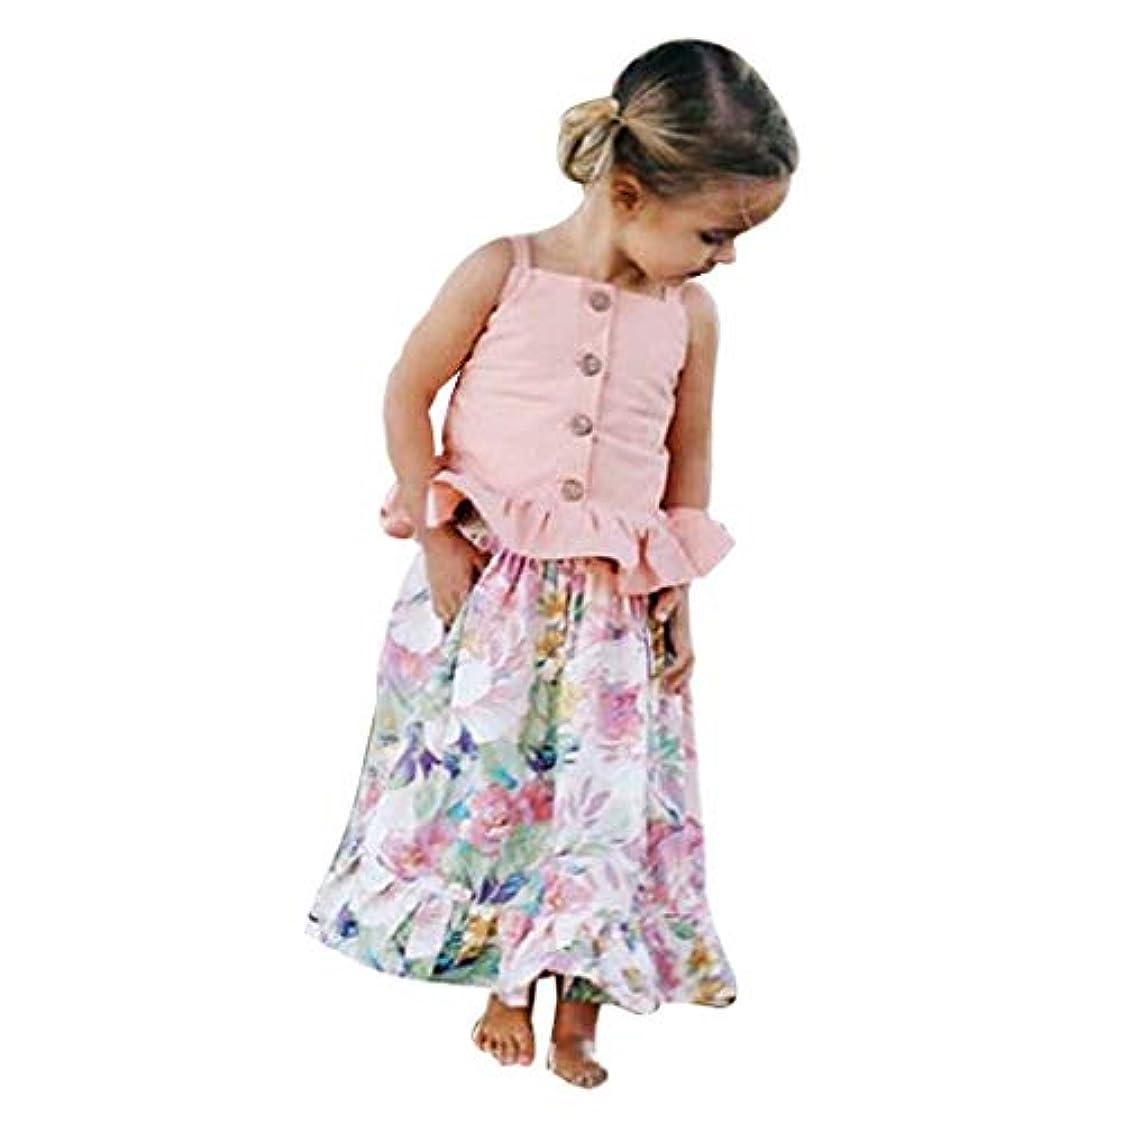 ドール組み込む涙が出るキッズ服 ドレスJopinica 1歳~5歳 夏ピンクノースリーブトップス?カラフル花絵ゆったりスカート上下セット ガールズ2点セット ファッション女の子 ステージ衣装 お嬢様の記念日 子供の日